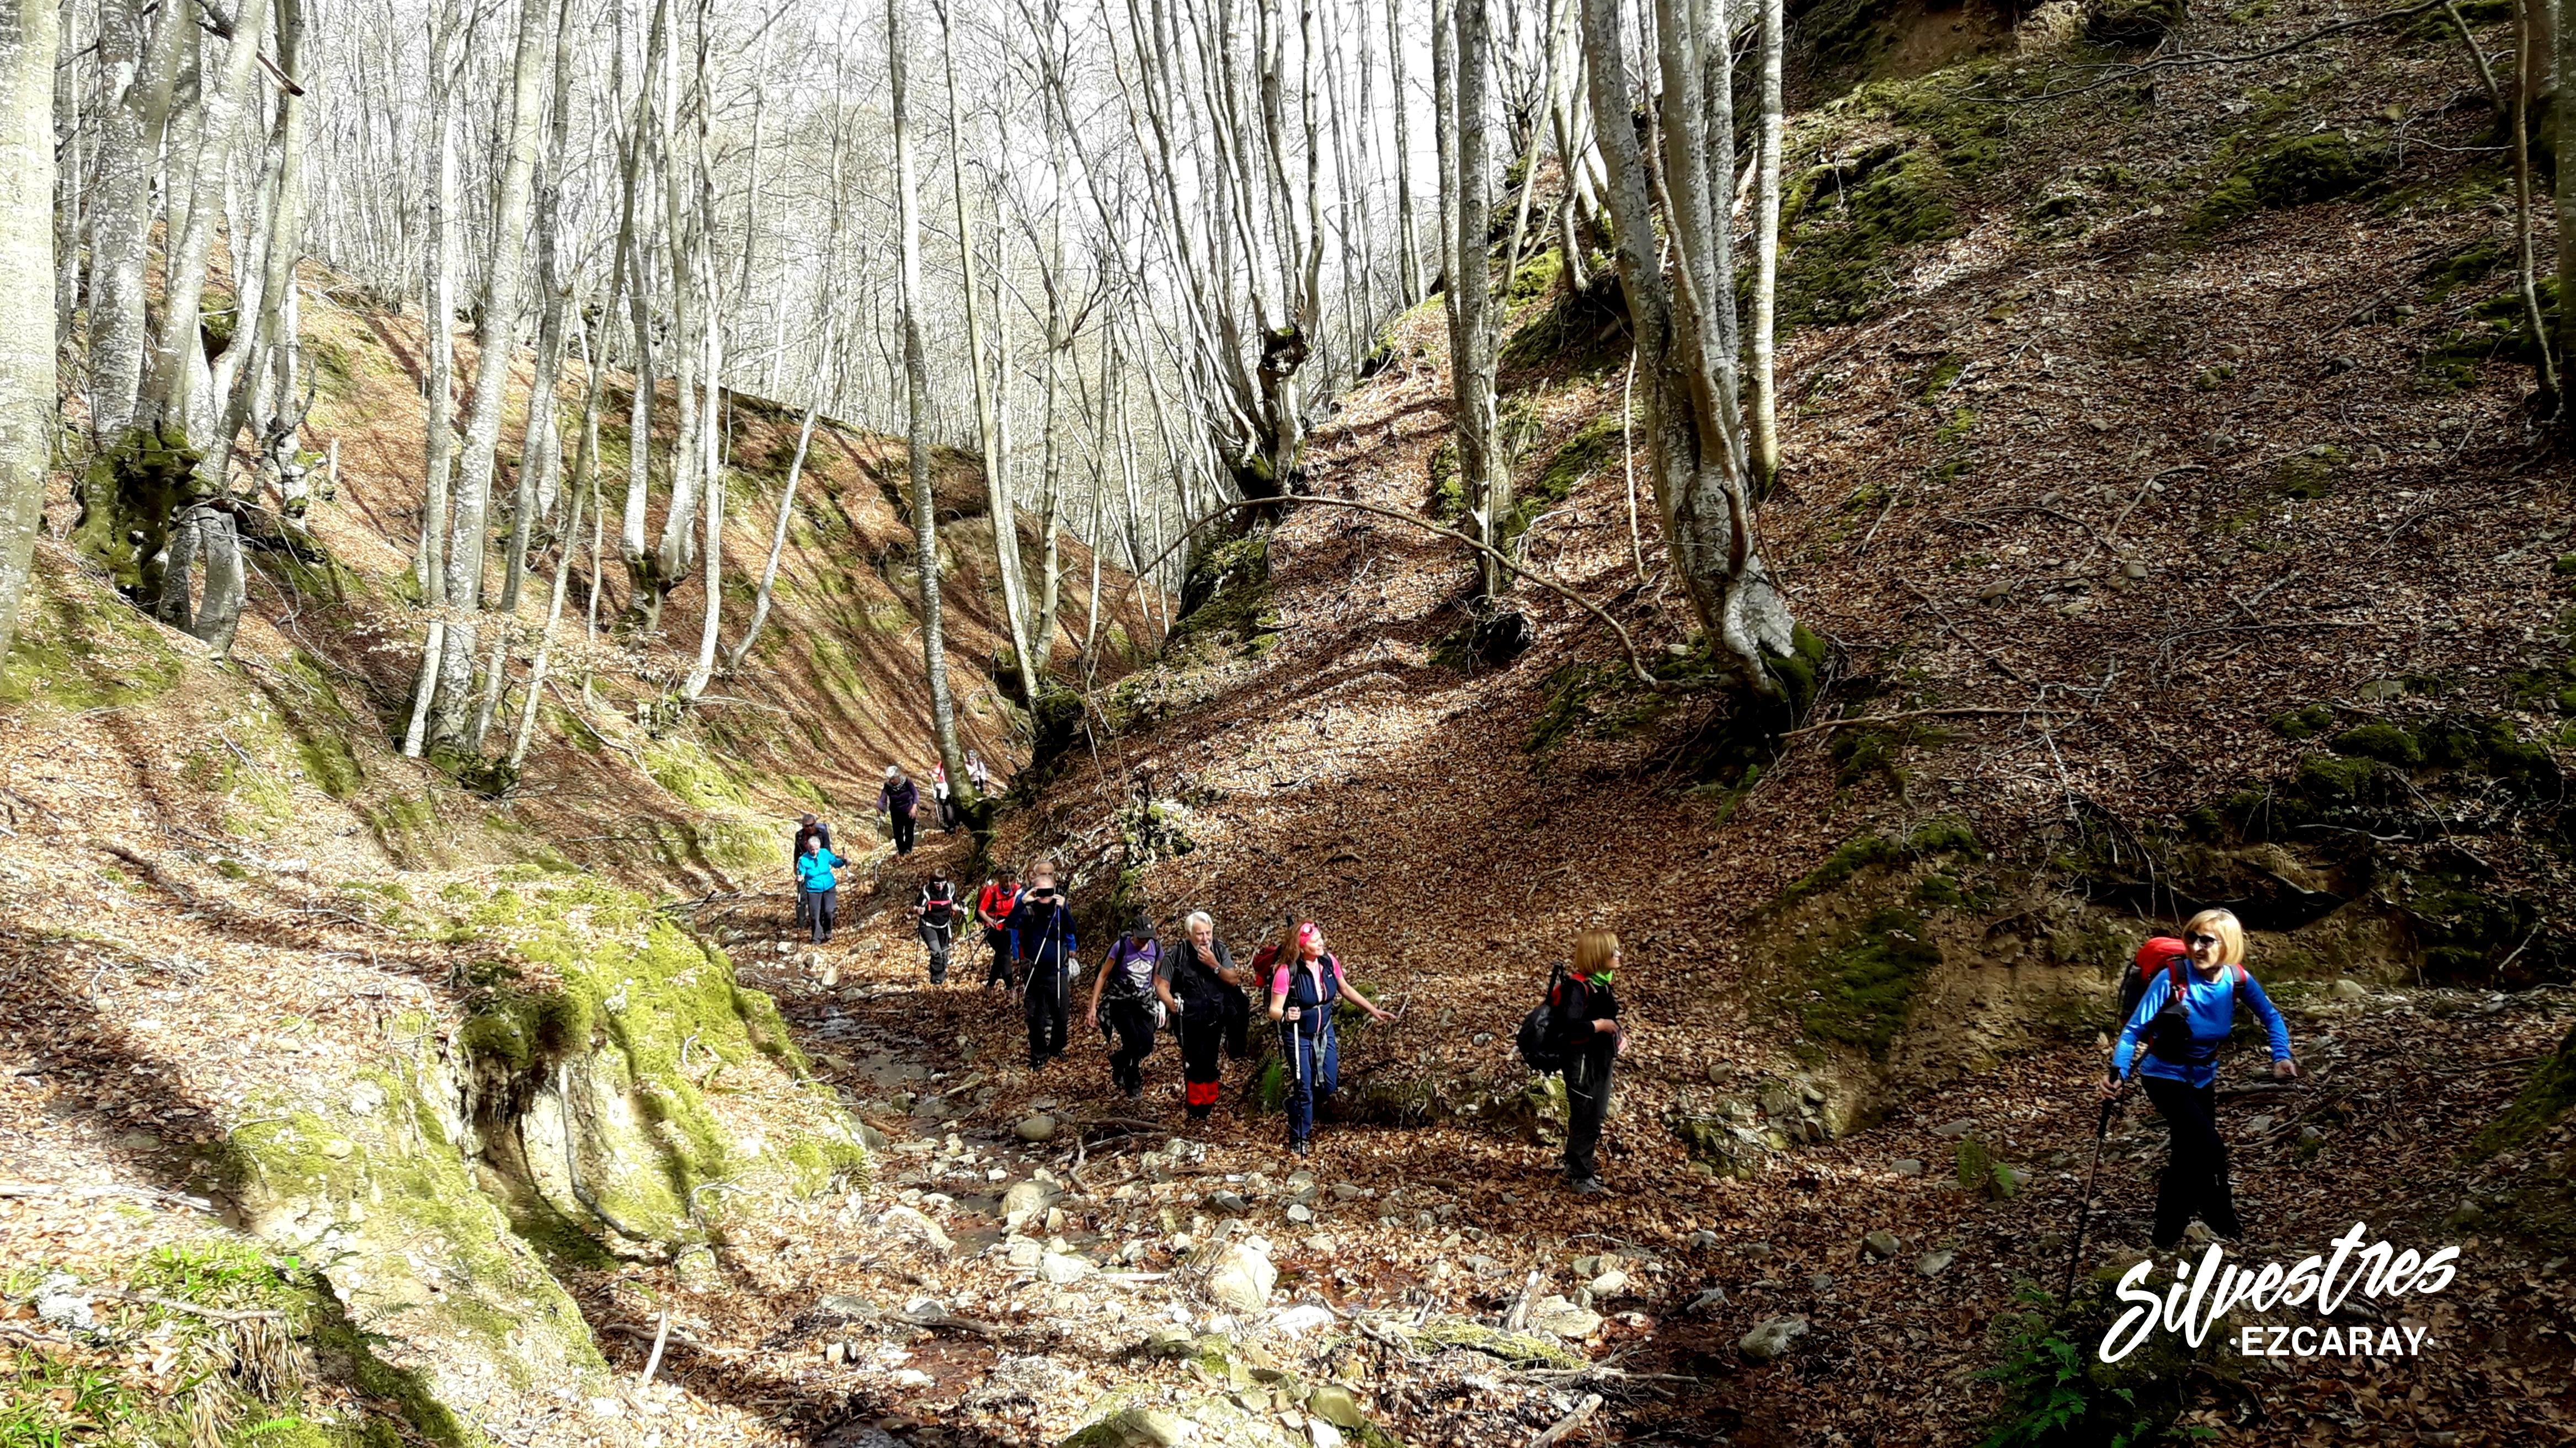 rutas_ezcaray_la_rioja_guia_montaña_naturaleza_silvestres_hayedos